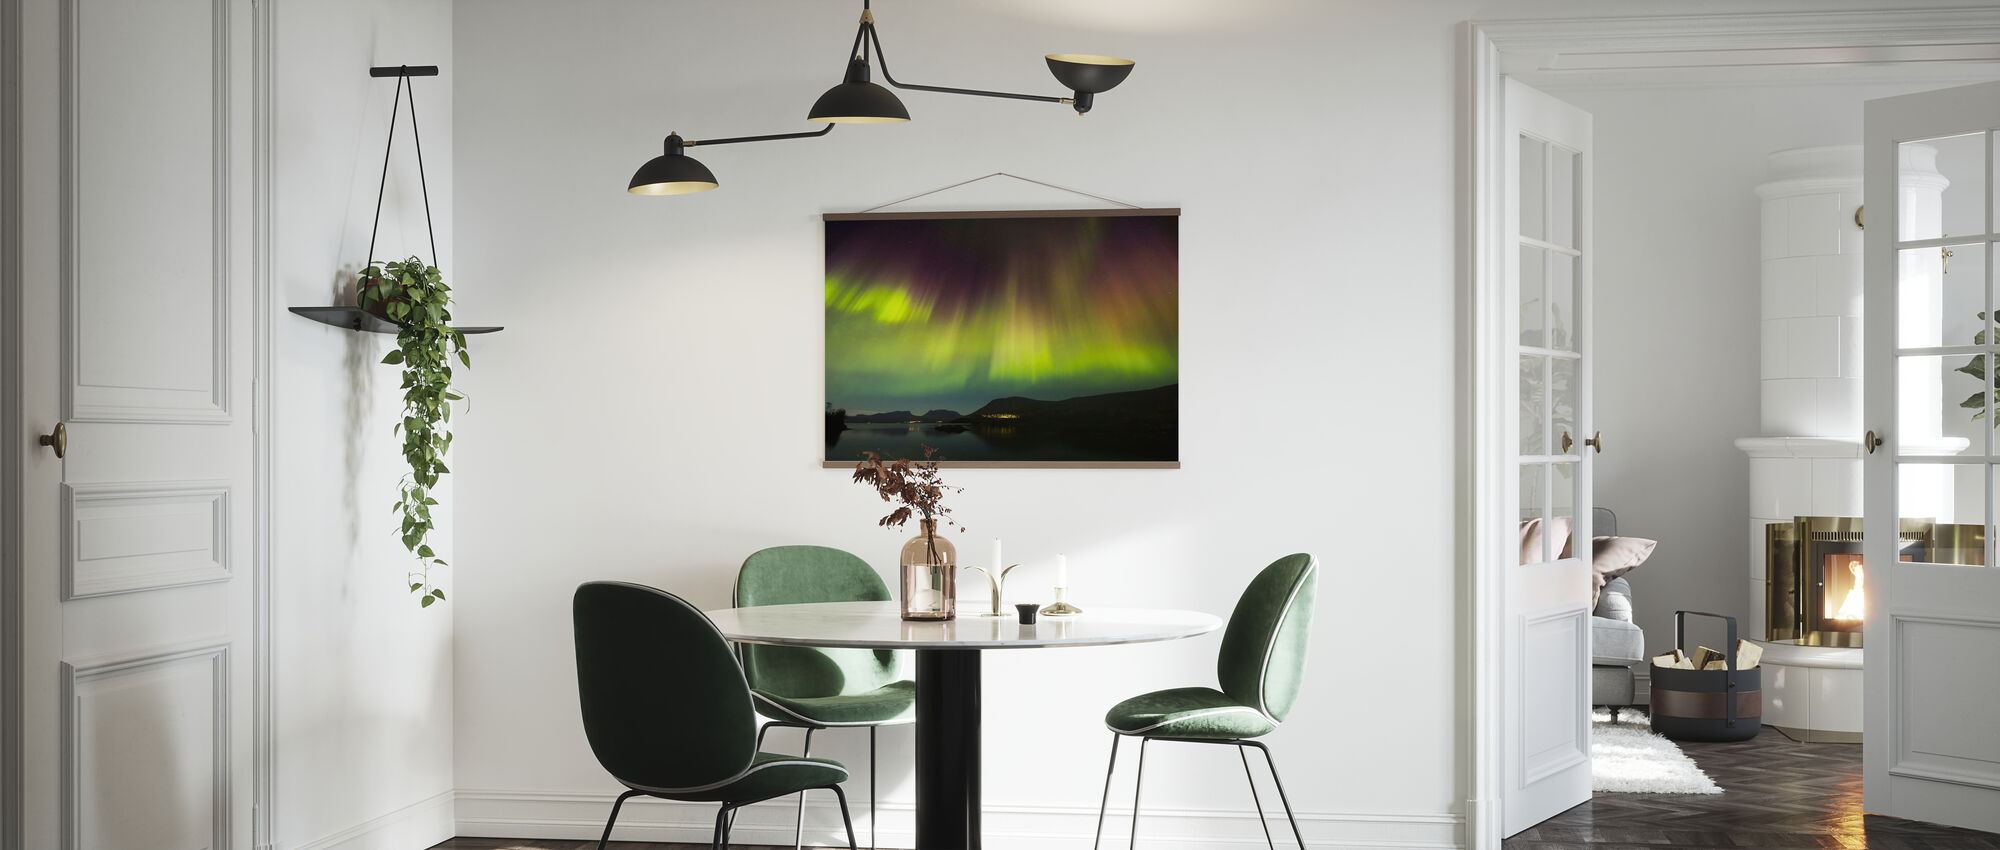 Northern Lights in Torneträsk - Sweden - Poster - Kök